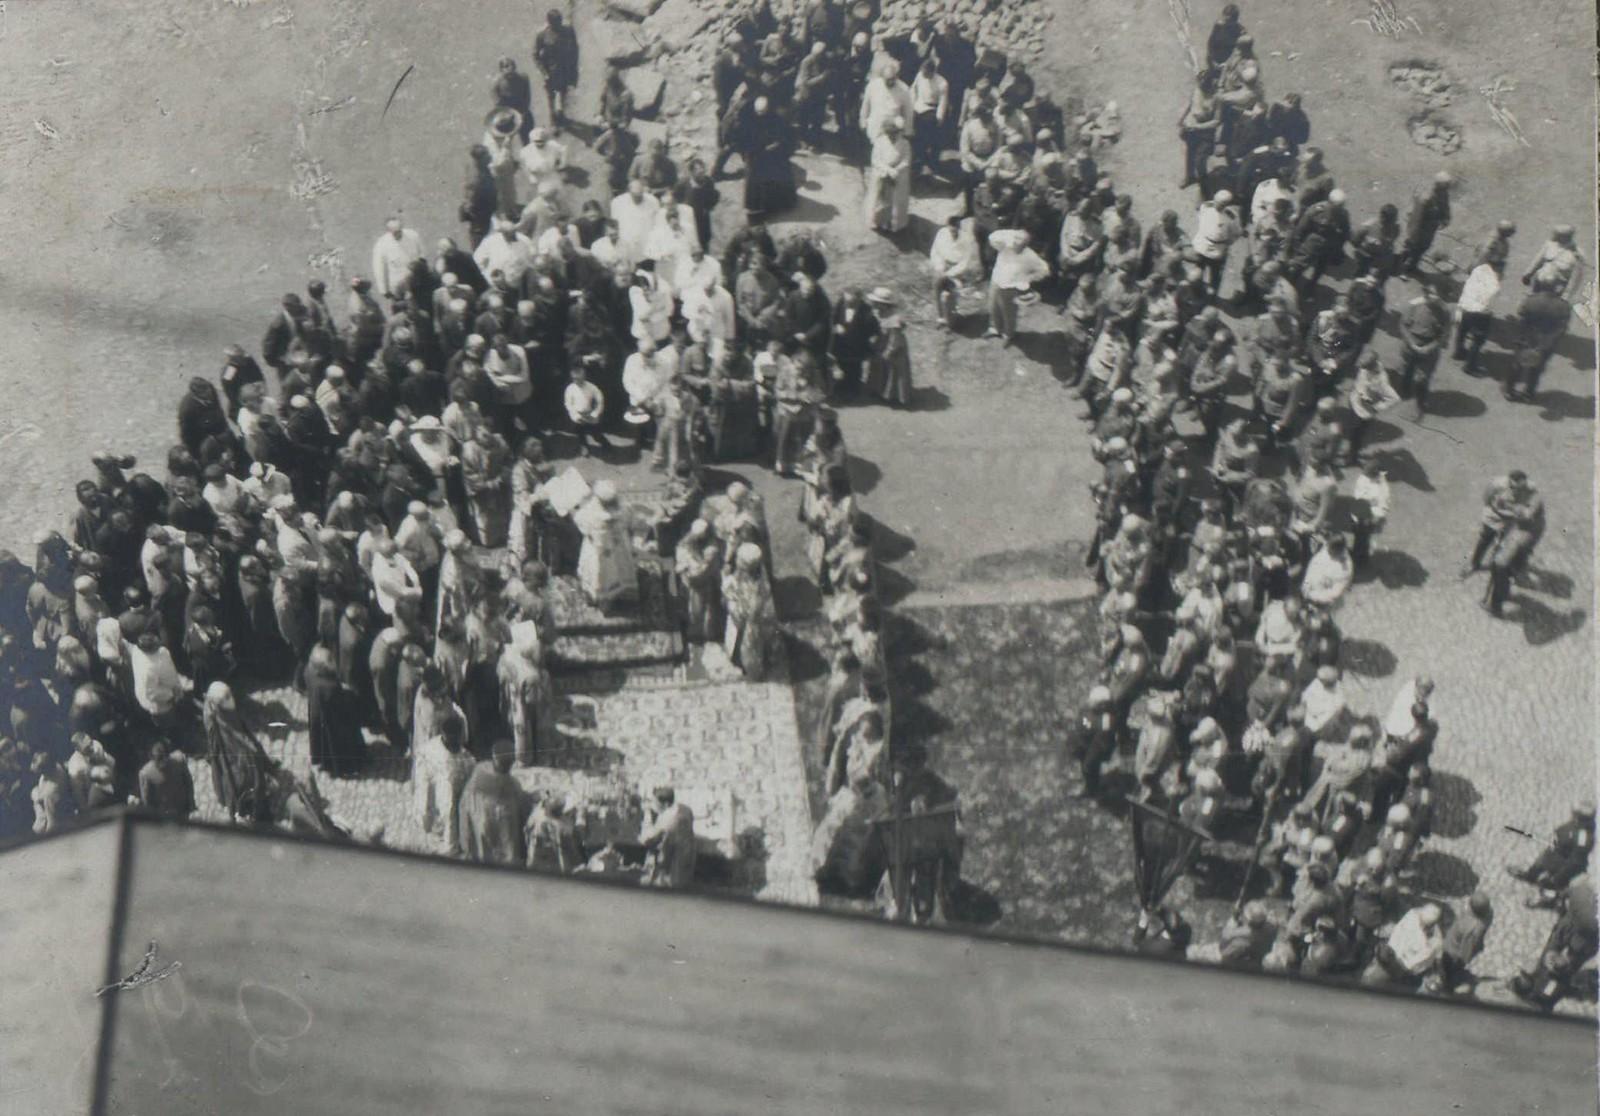 148. 1919. Панихида по павшим воинам в Харькове, июнь